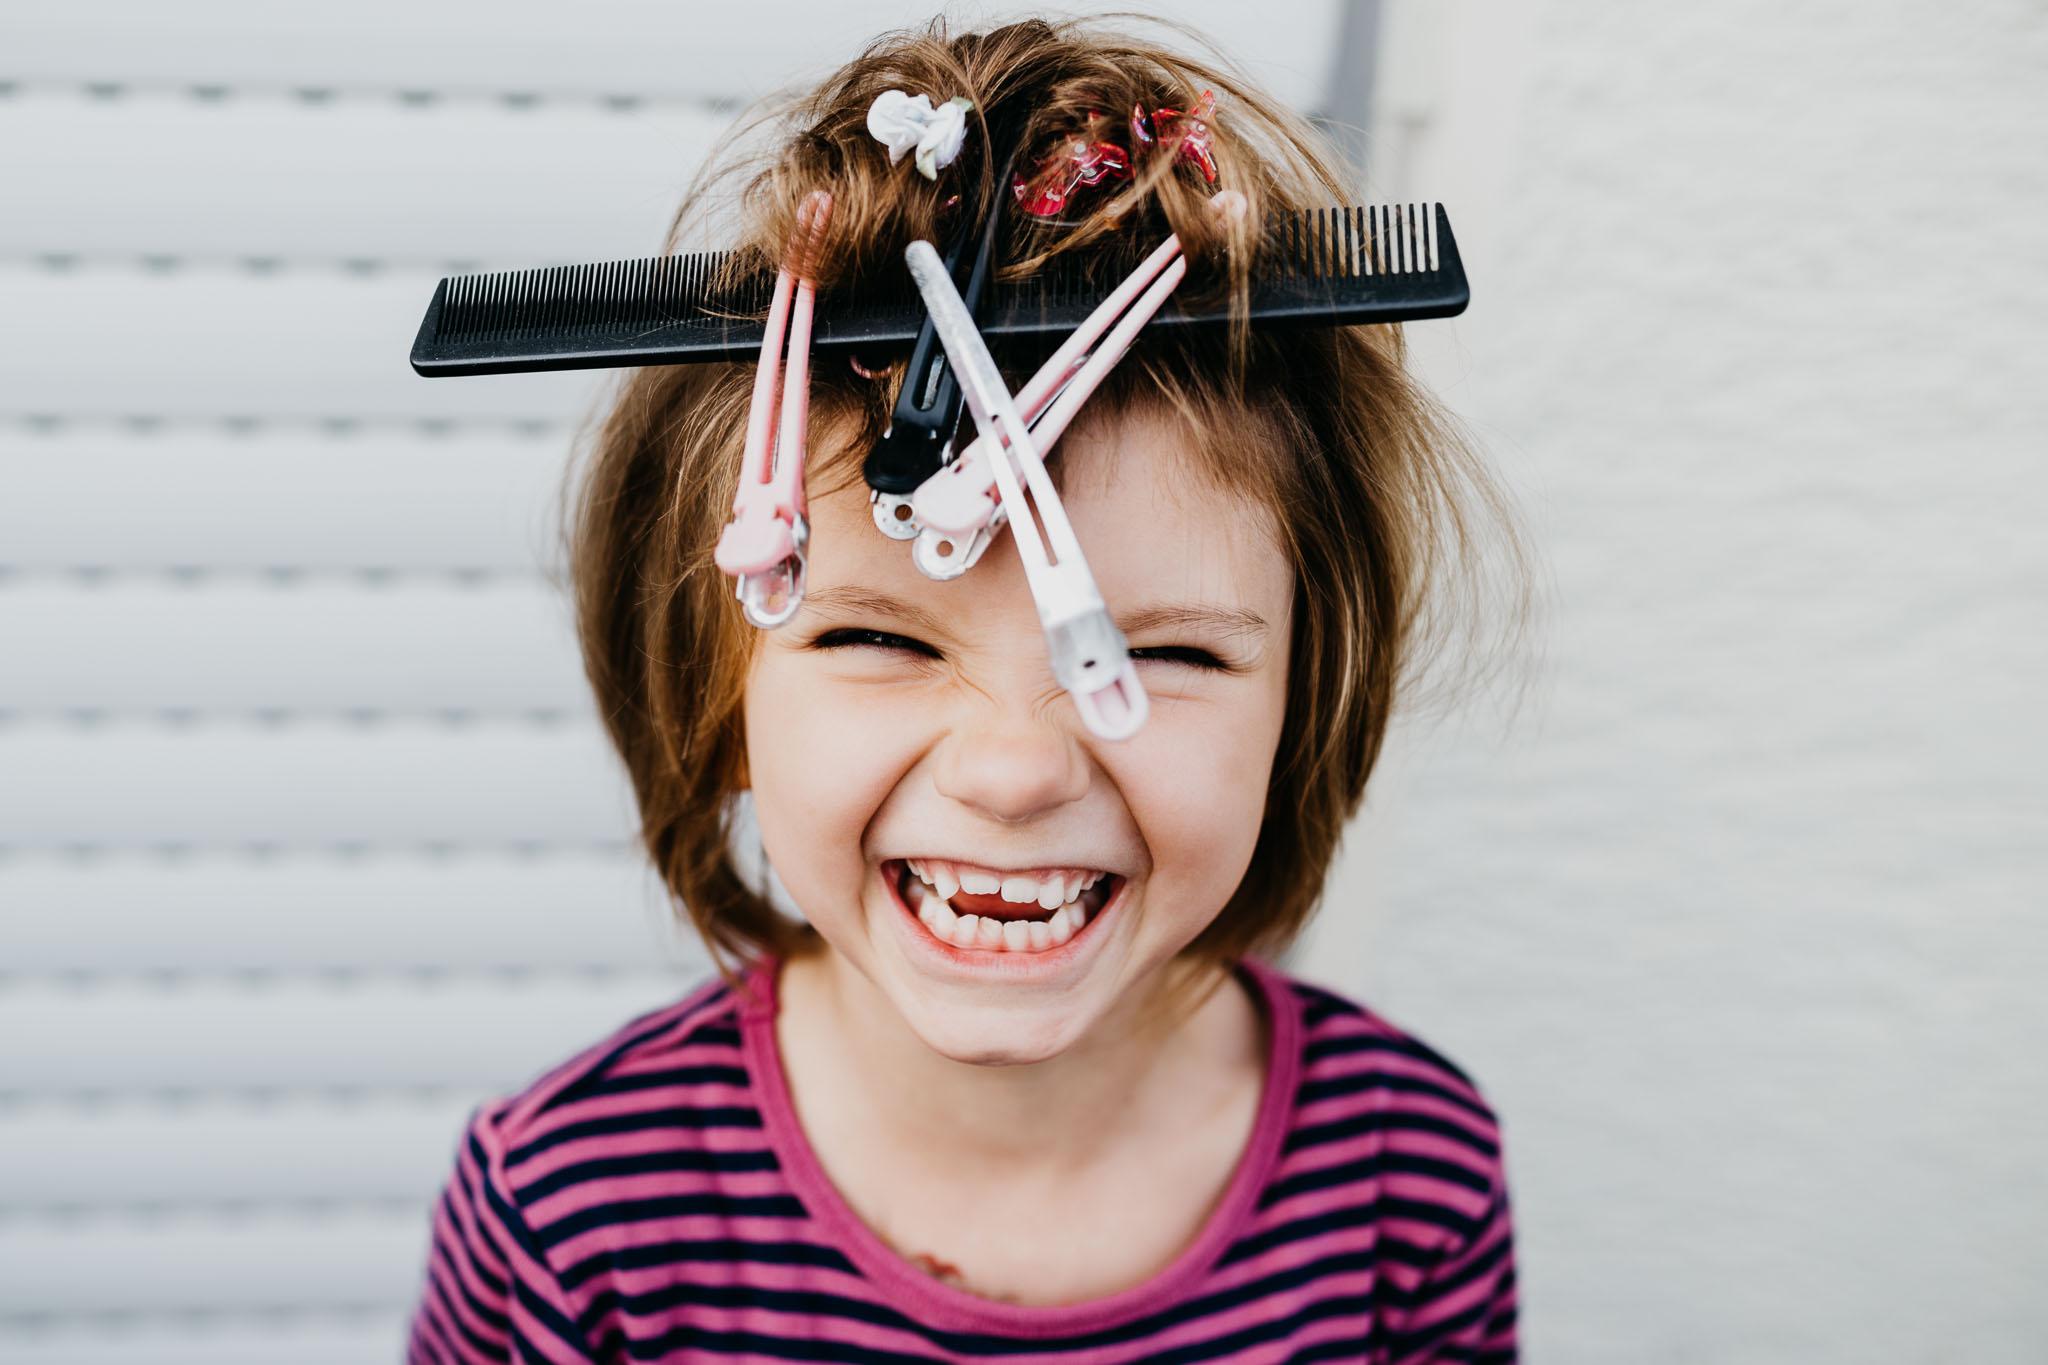 Portrait eines Mädchens mit Kamm und Klammern auf dem Kopf